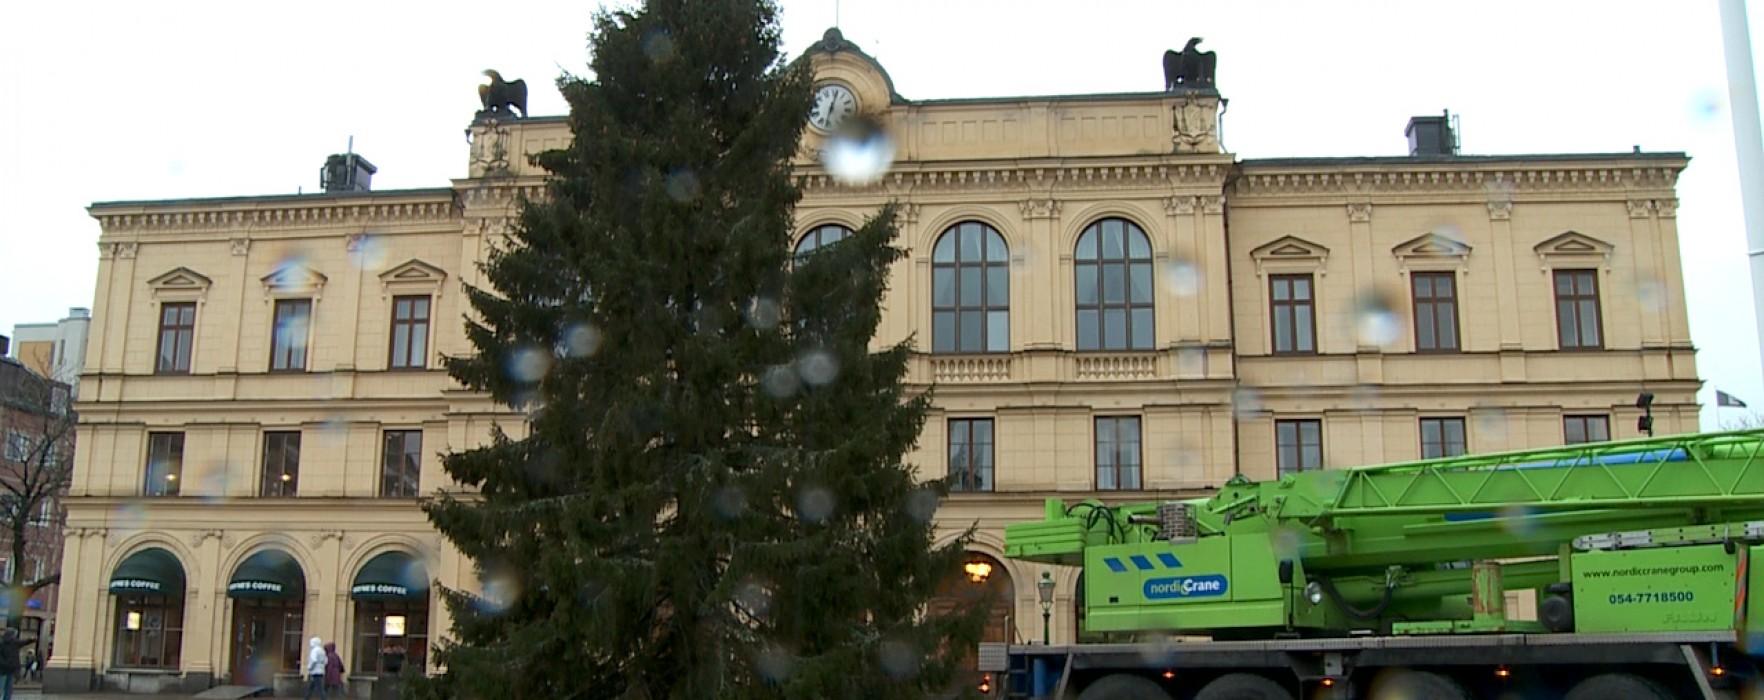 Årets julgran på plats i Karlstad